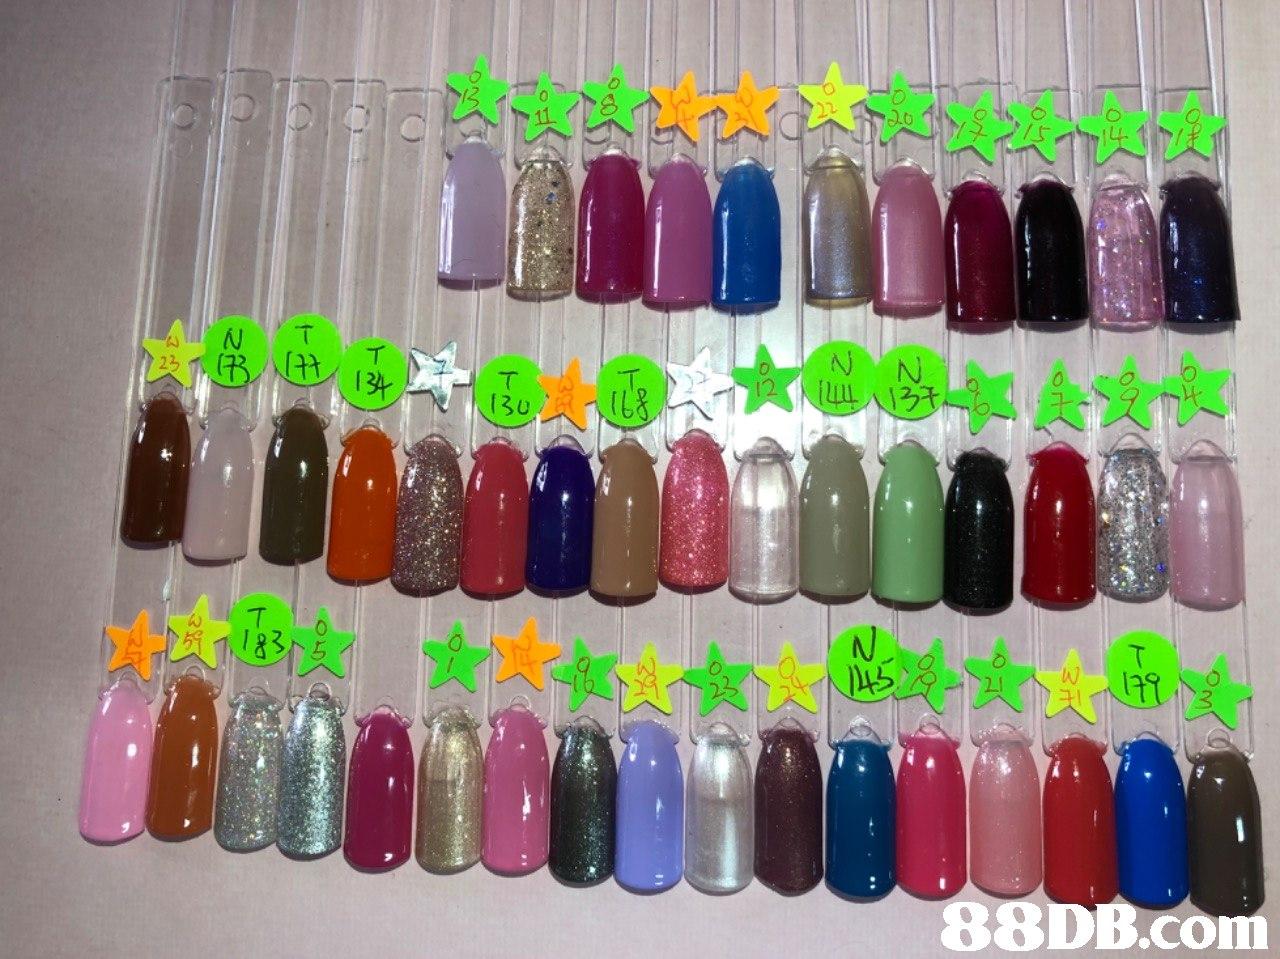 *00e eh@ ★064k** 88DB.Com  Nail polish,Cosmetics,Nail care,Glass bottle,Finger